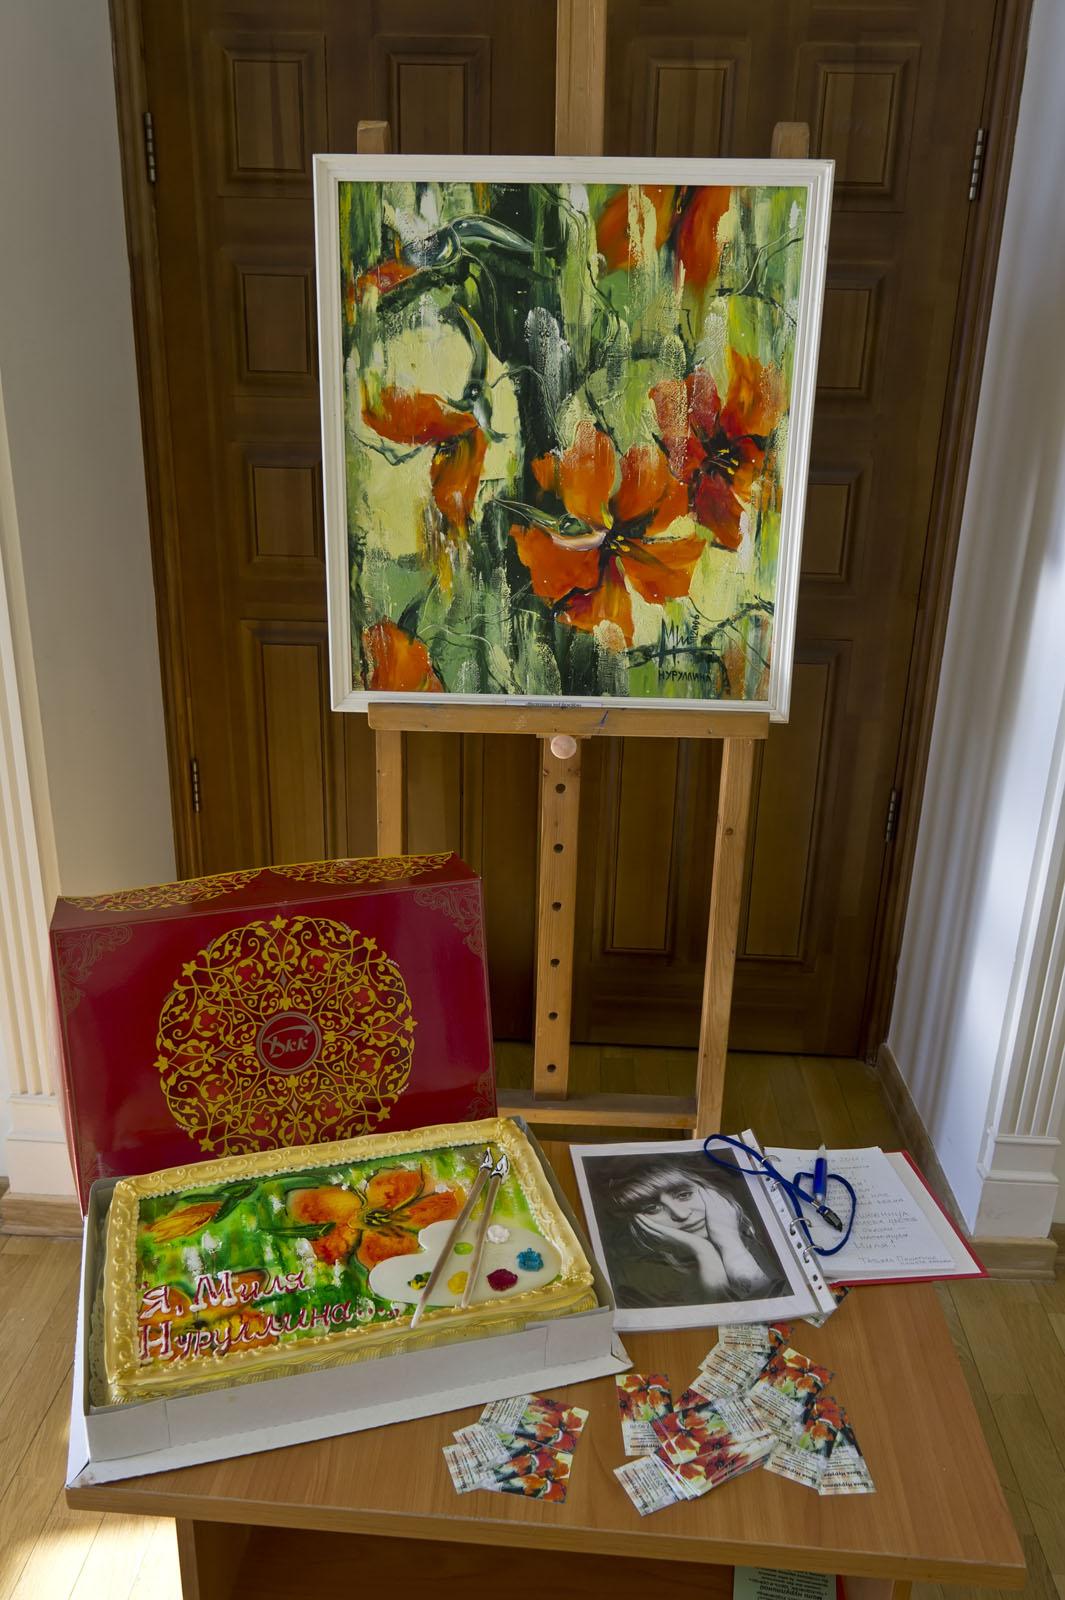 Фото №74047. Композиция: Торт ''Я, Миля Нуруллина'', картина ''Настурции под дождем'', портрет и книга отзывав